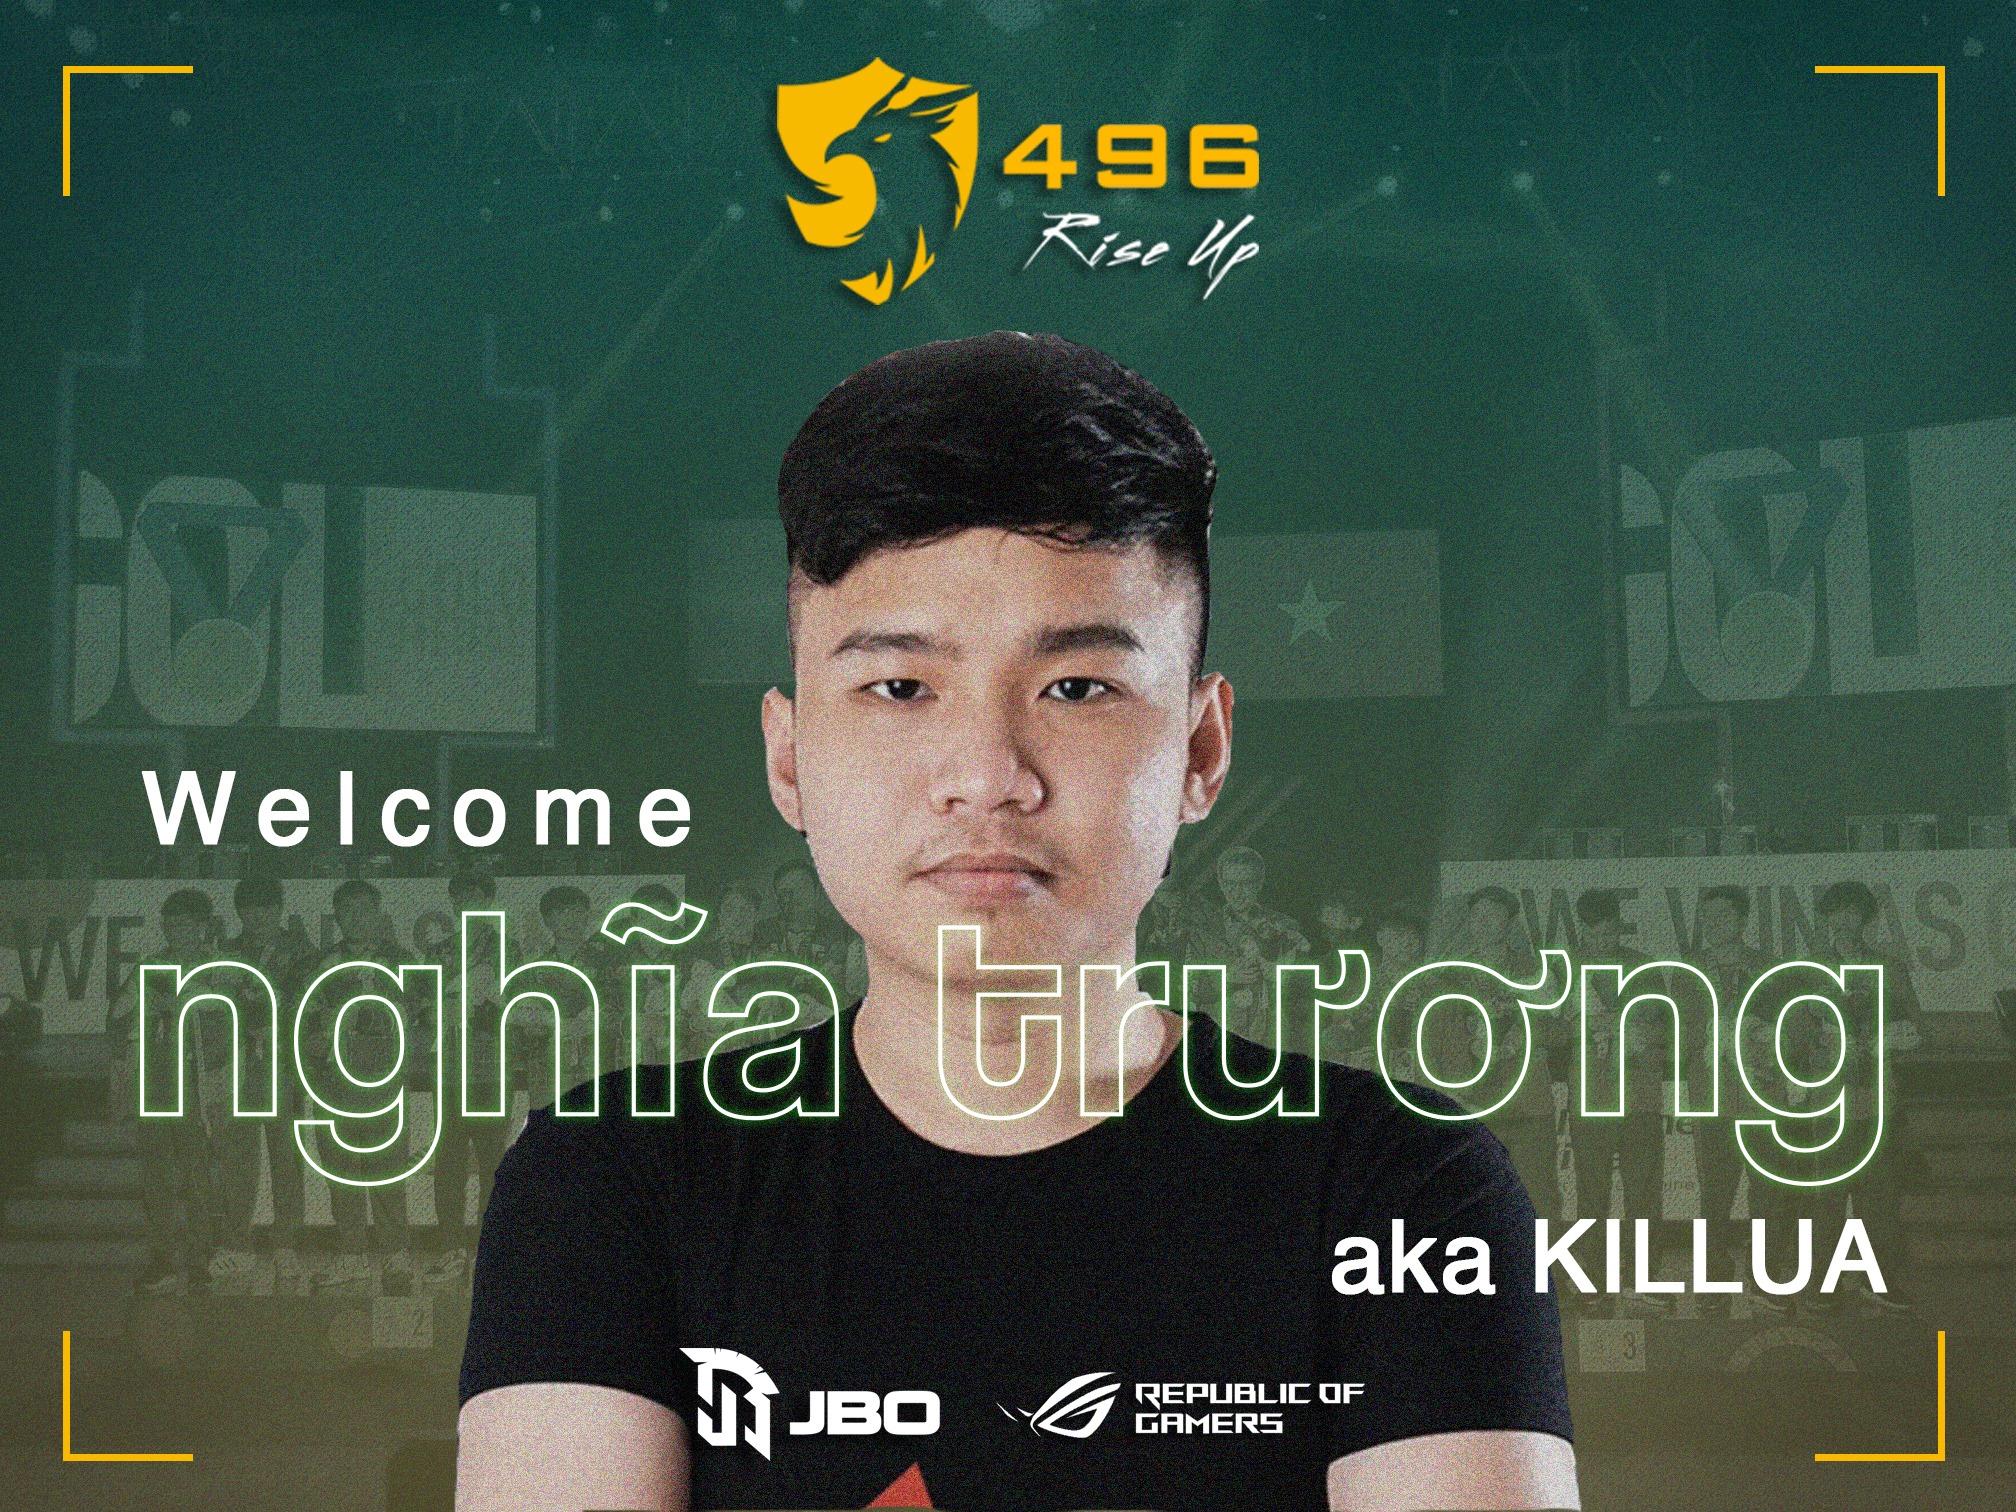 killua - Chia tay 496 Gaming, hTz nhanh chóng được top team Việt Nam săn đón